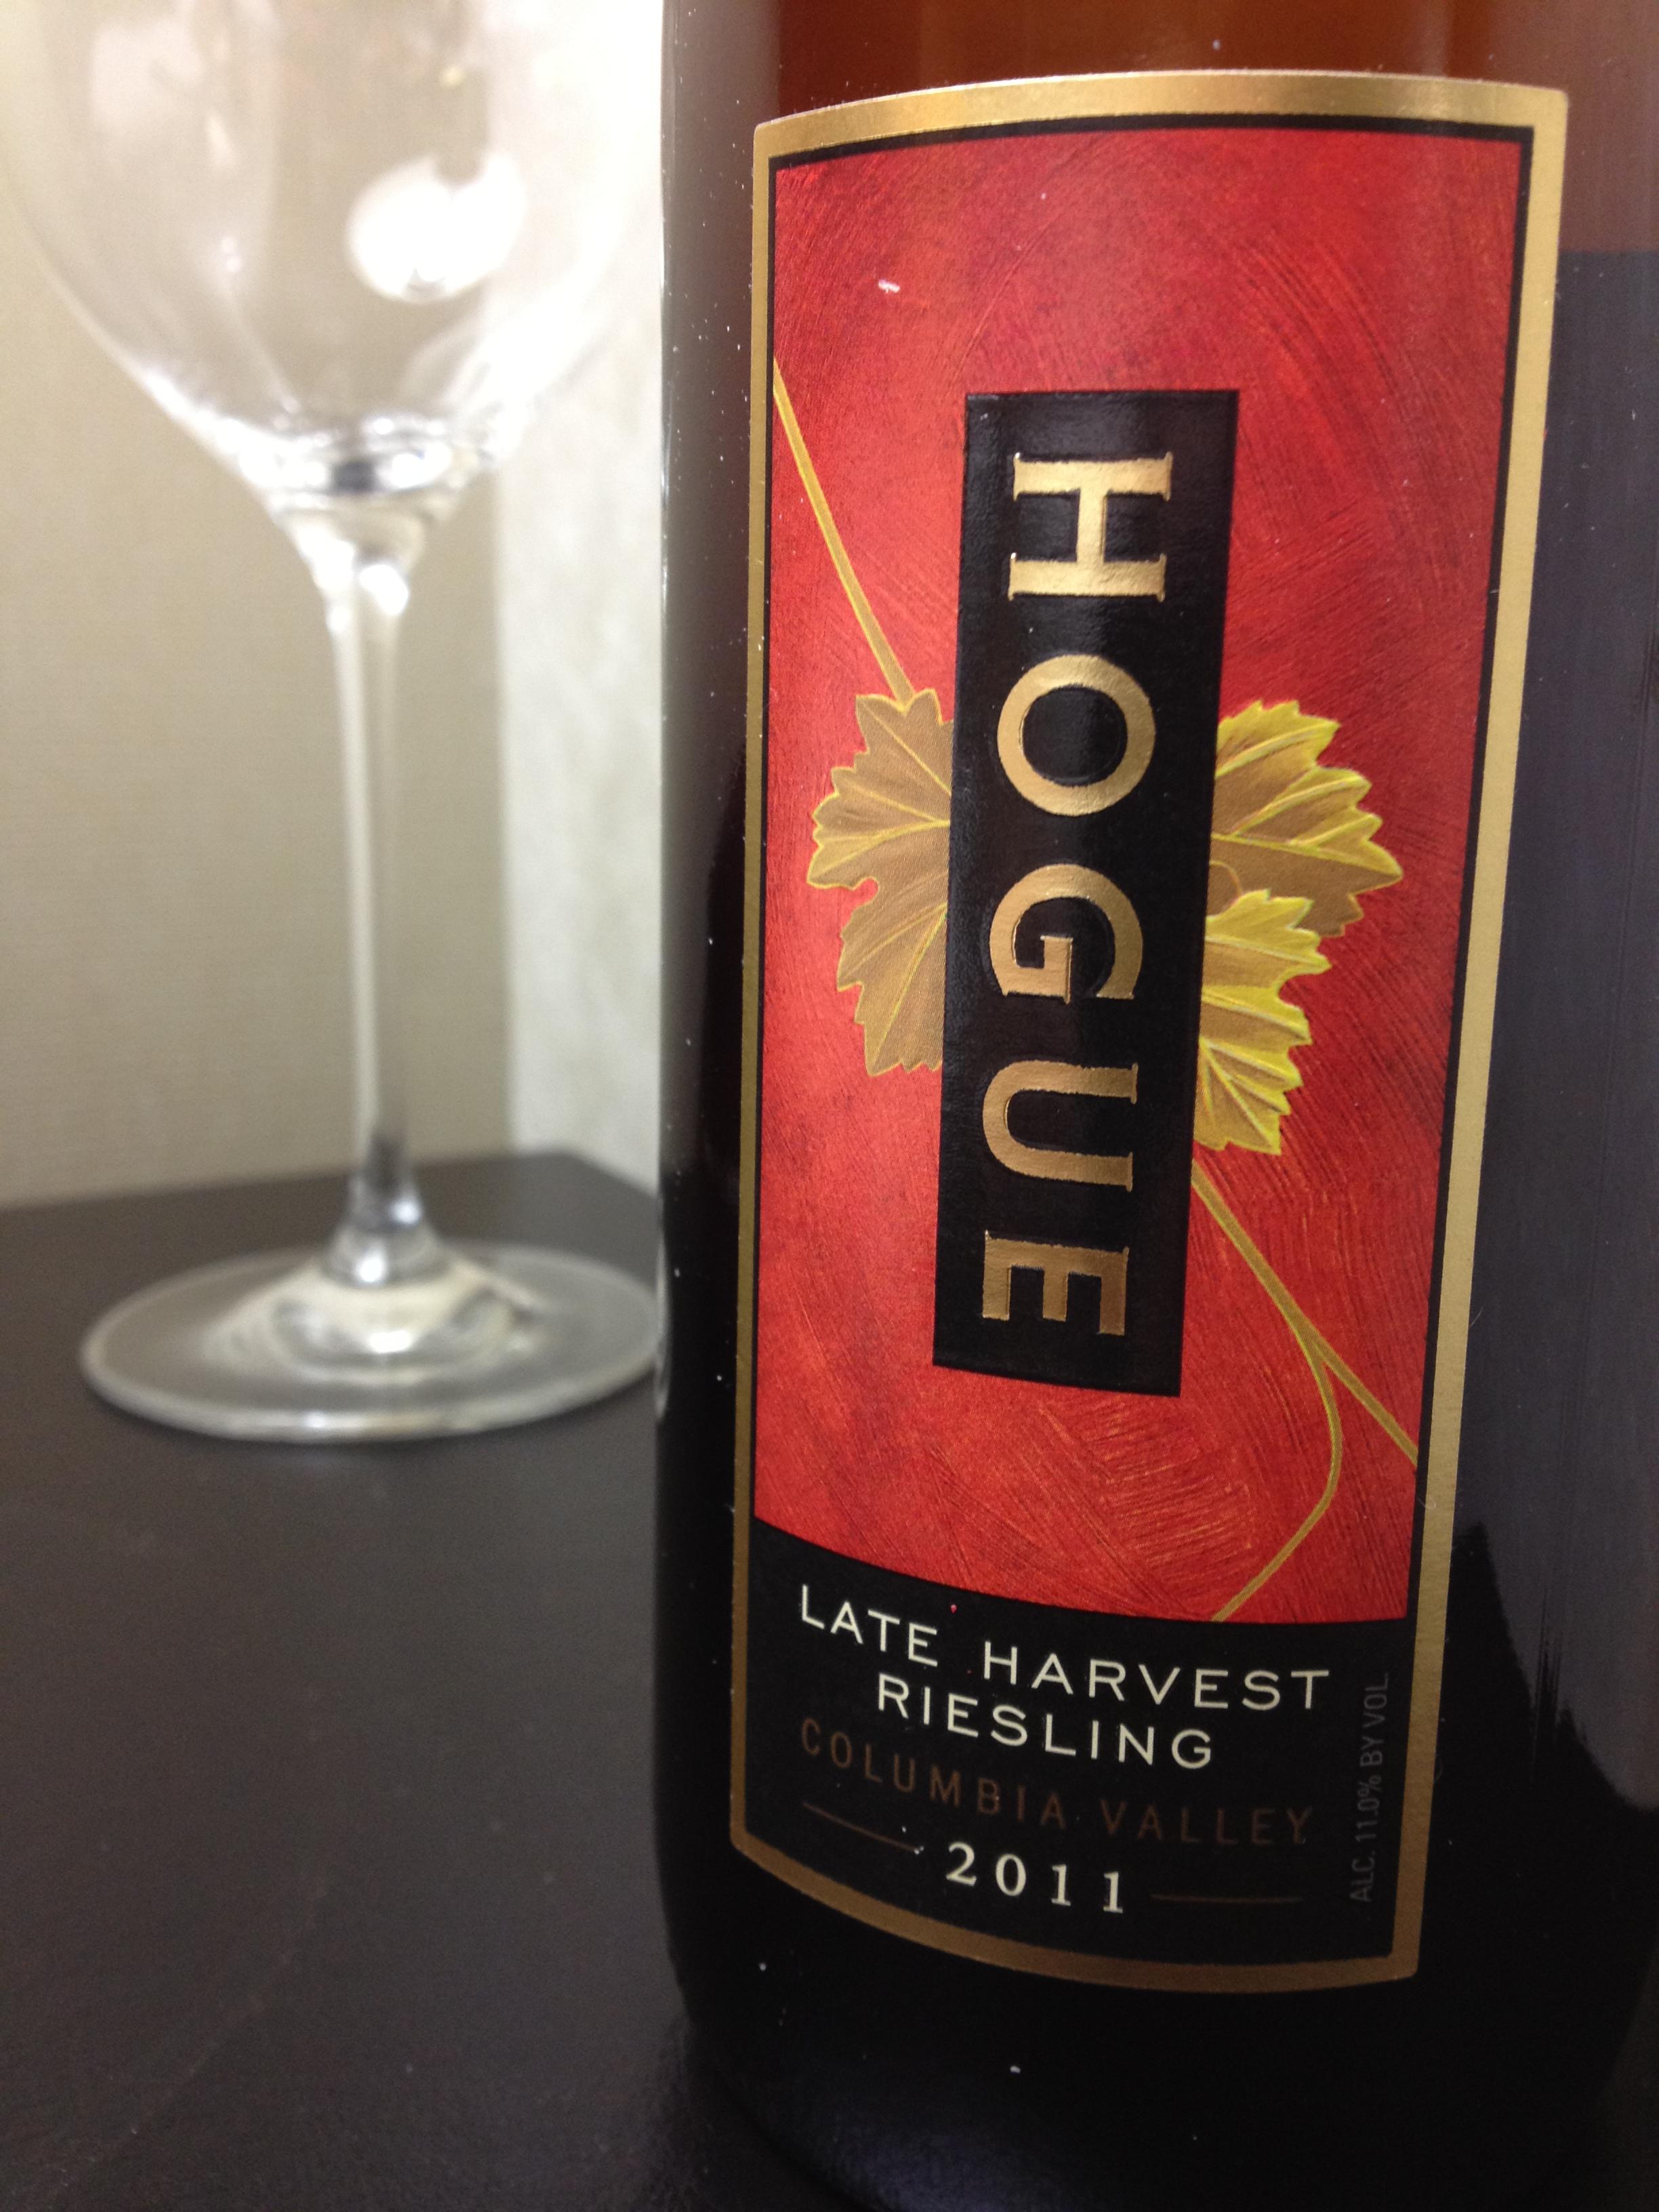 2011 Hogue Reisling